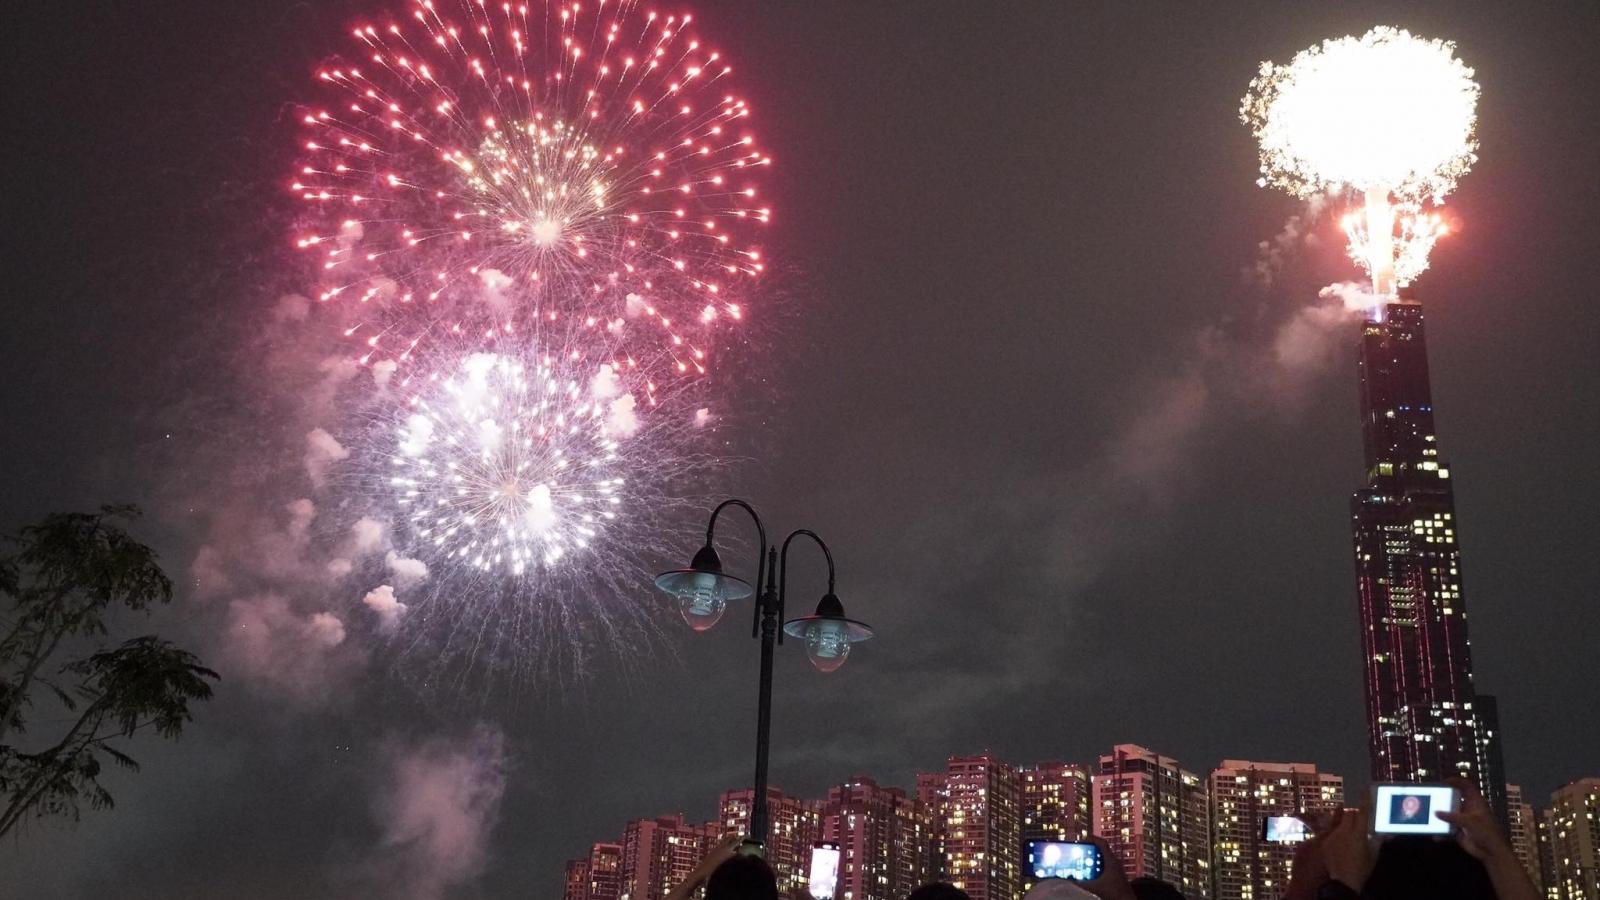 Hình ảnh pháo hoa rộn ràng trên khắp cả nước chào đón năm mới 2021